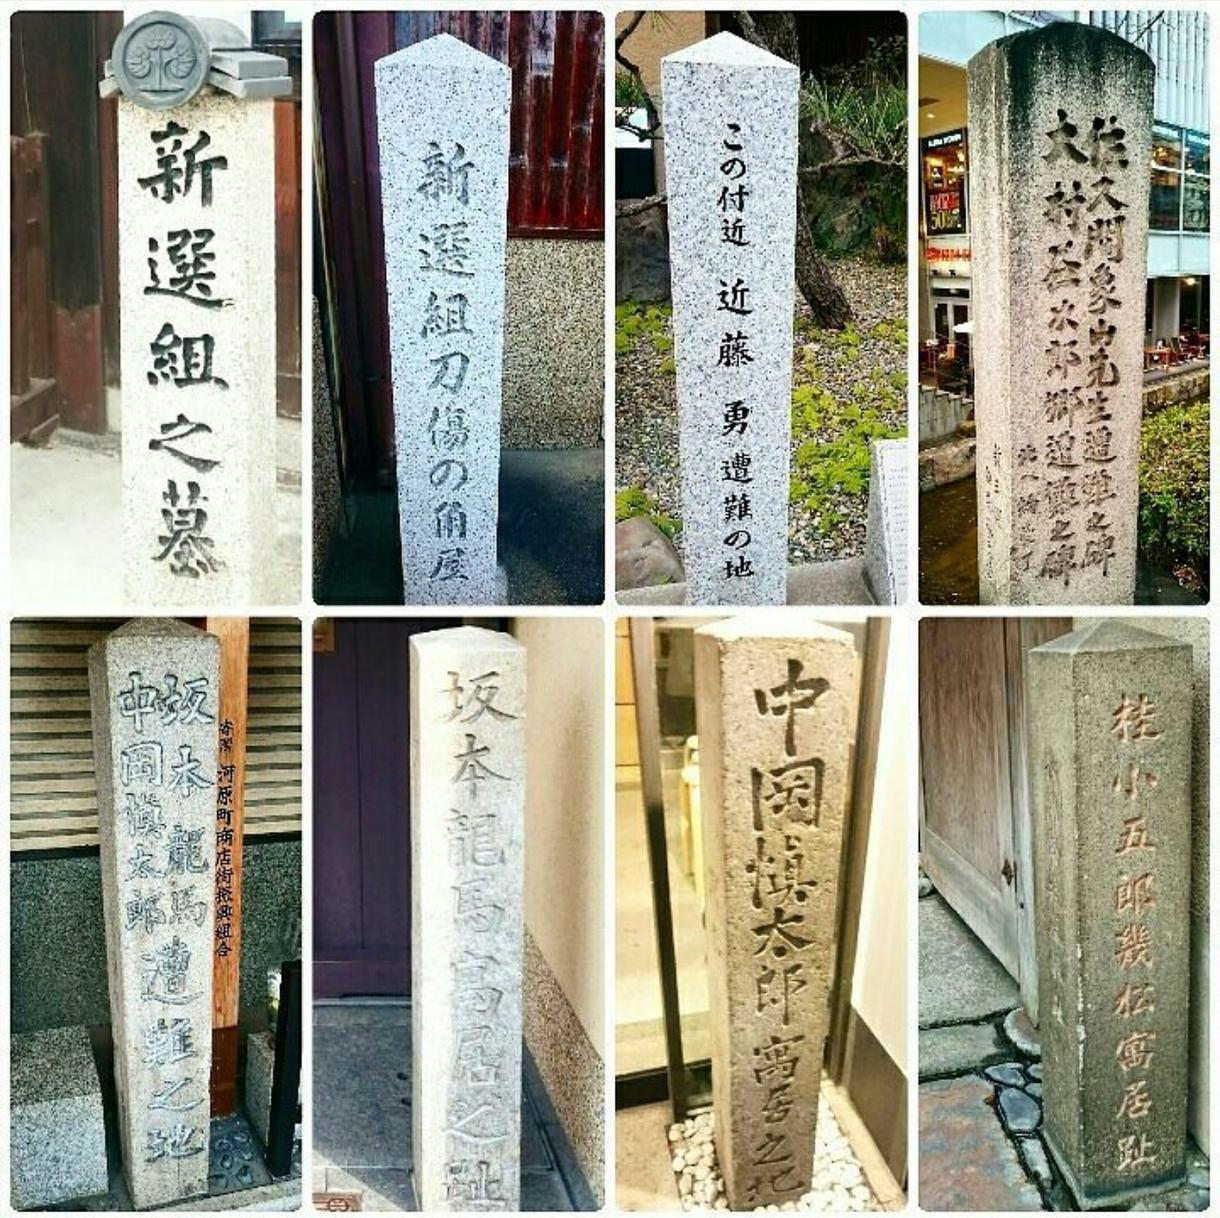 京都の写真送ります!名所の絶景写真たくさんあります 京都在住の自称カメラマンです!膨大な写真の中から3枚送ります